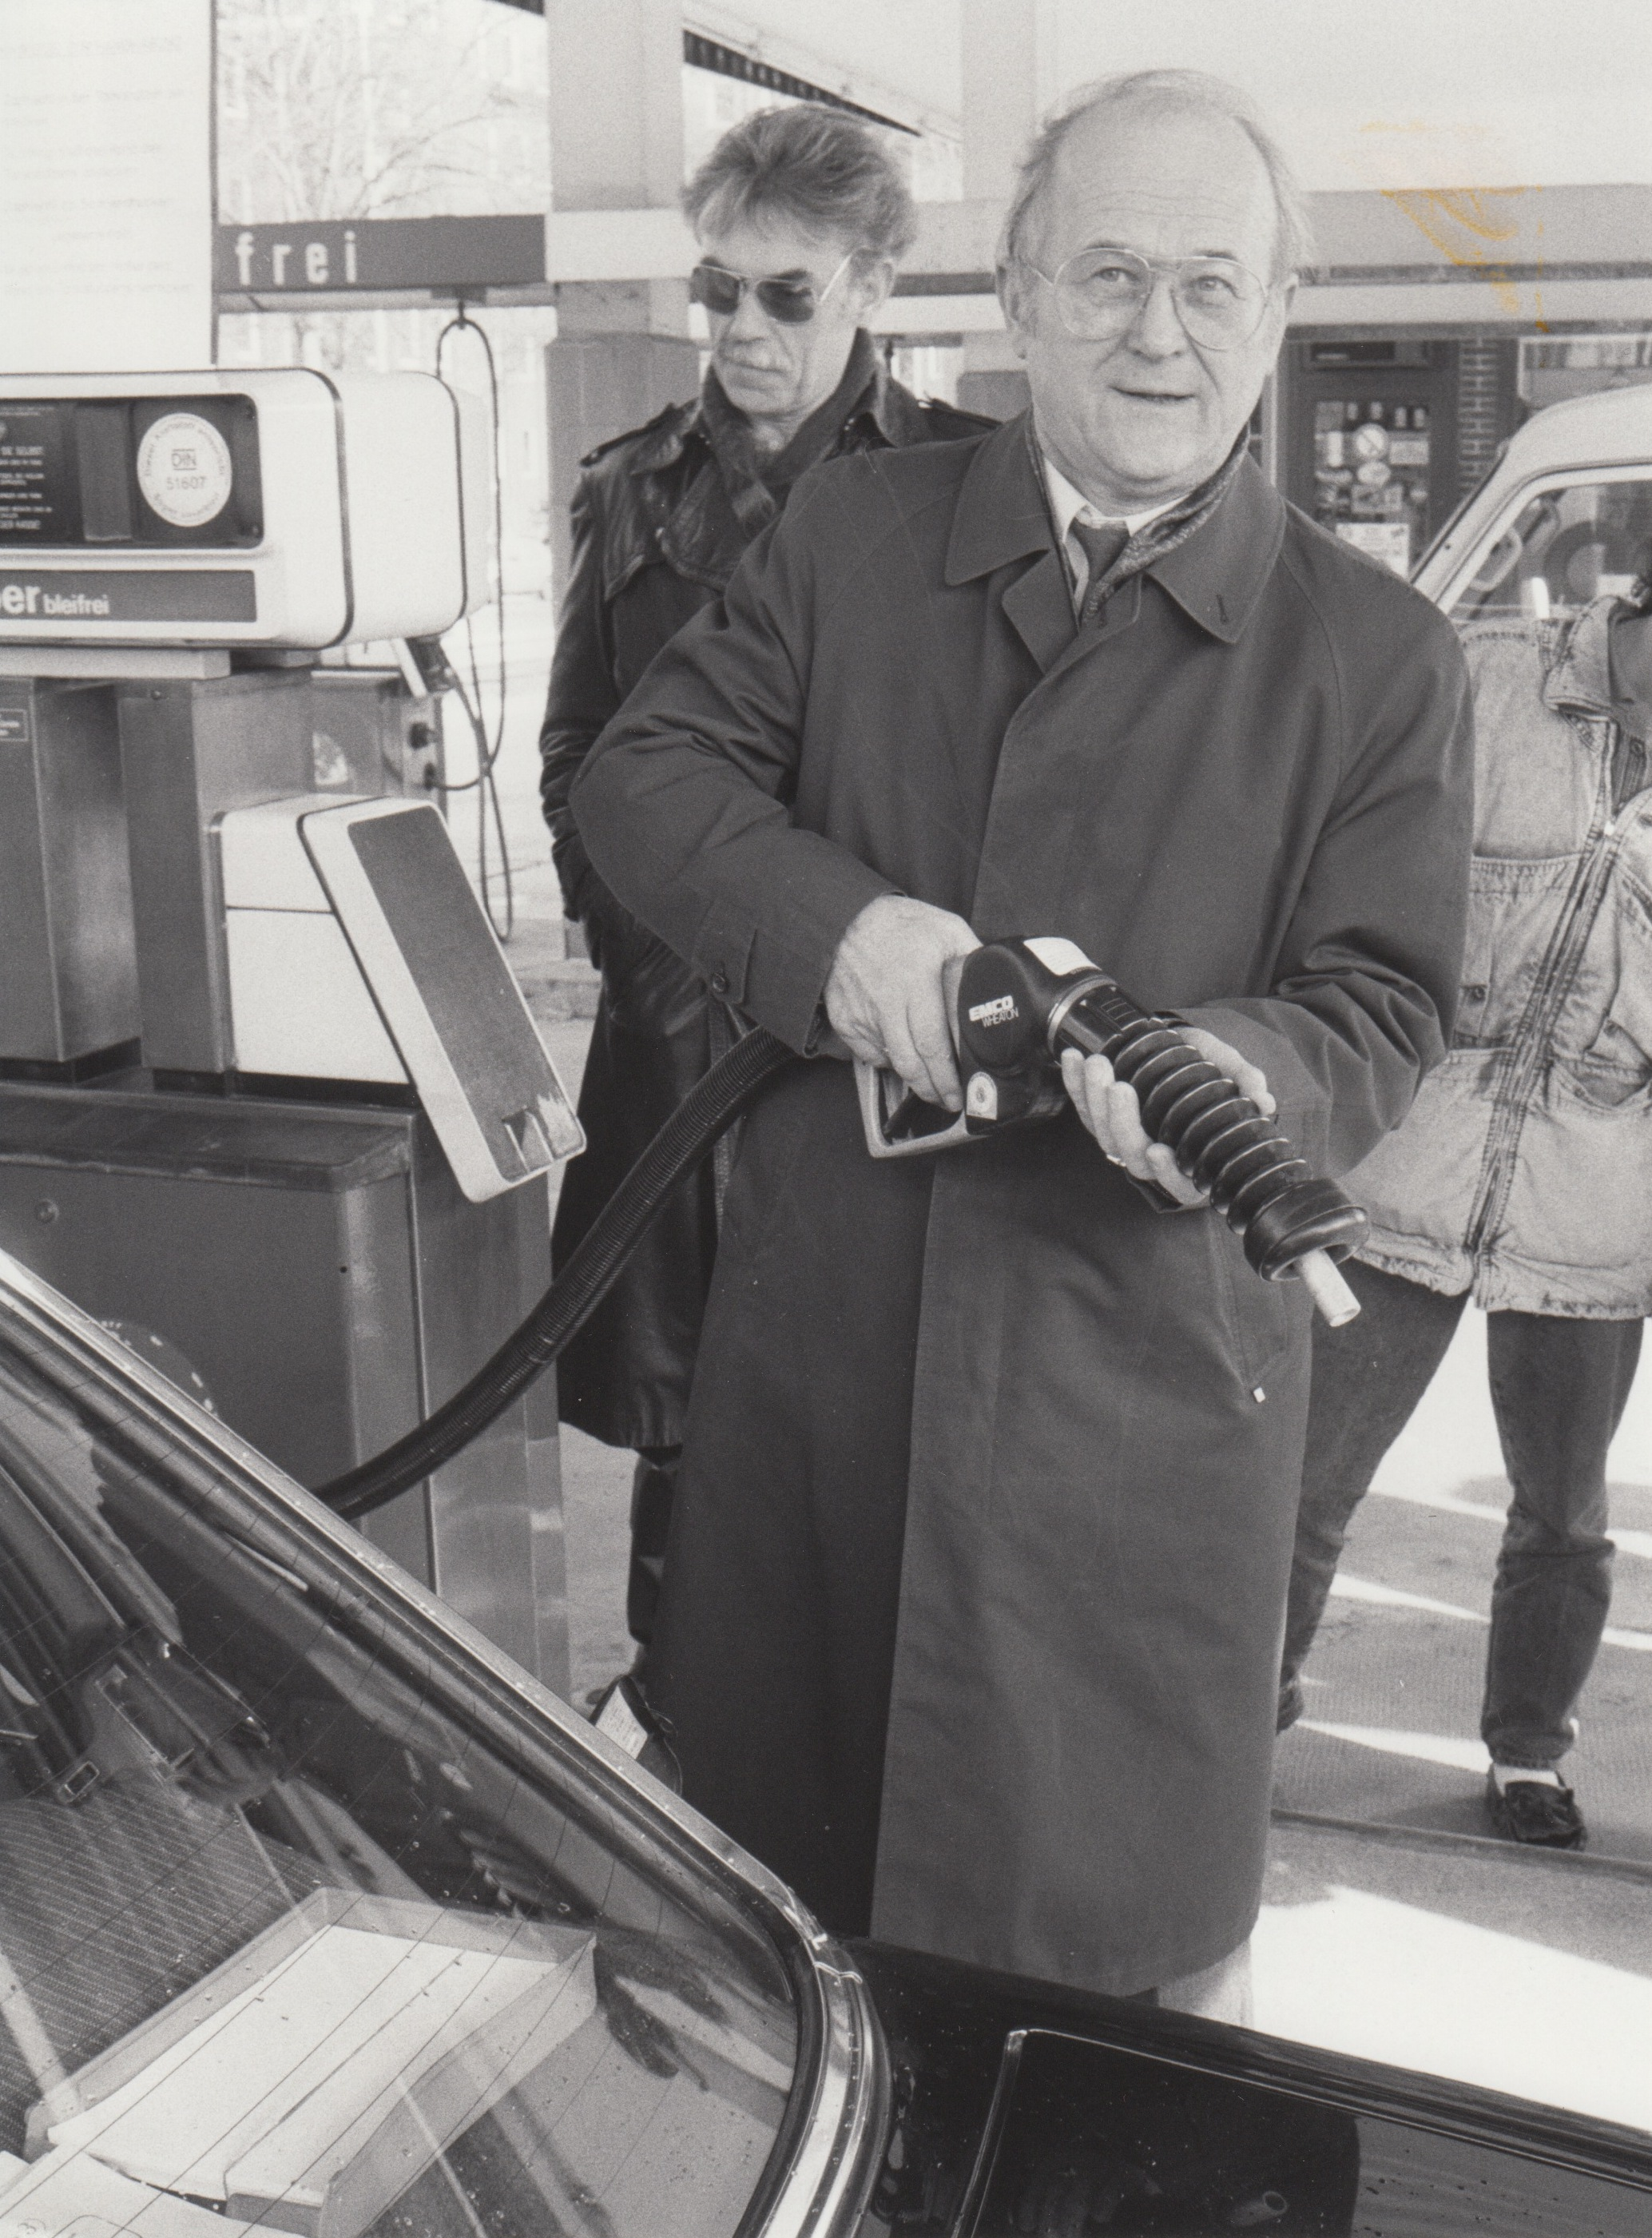 UBA-Präsident Heinrich von Lersner demonstriert 1988 an einer Tankstelle in Berlin-Tempelhof das Gaspendelverfahren zur Rückführung giftiger Benzoldämpfe.